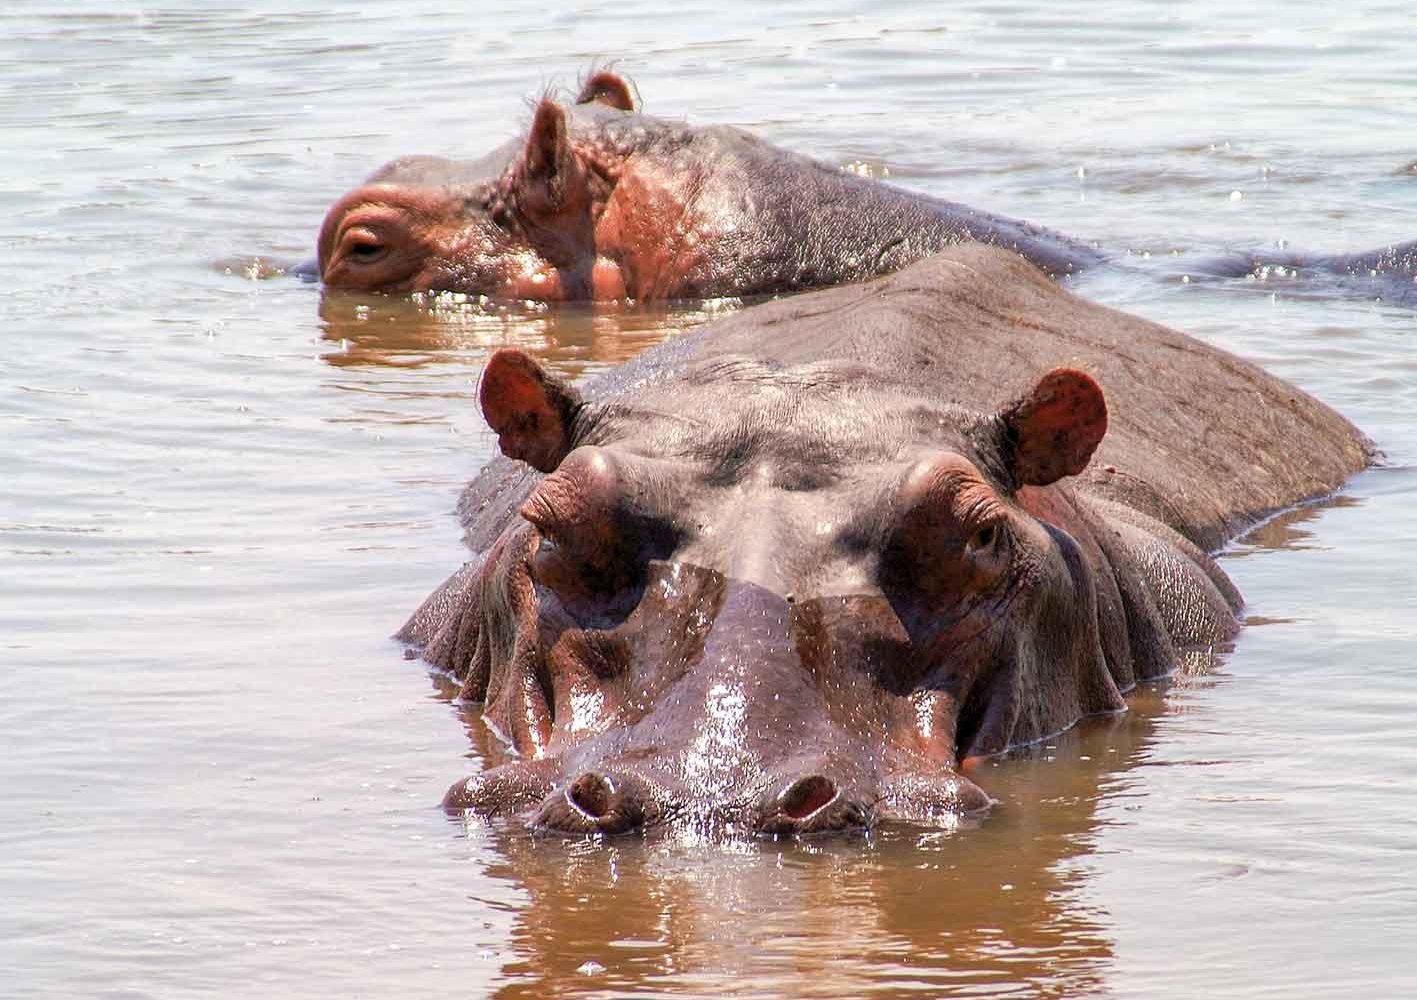 Hippos im Wasser, Zambia